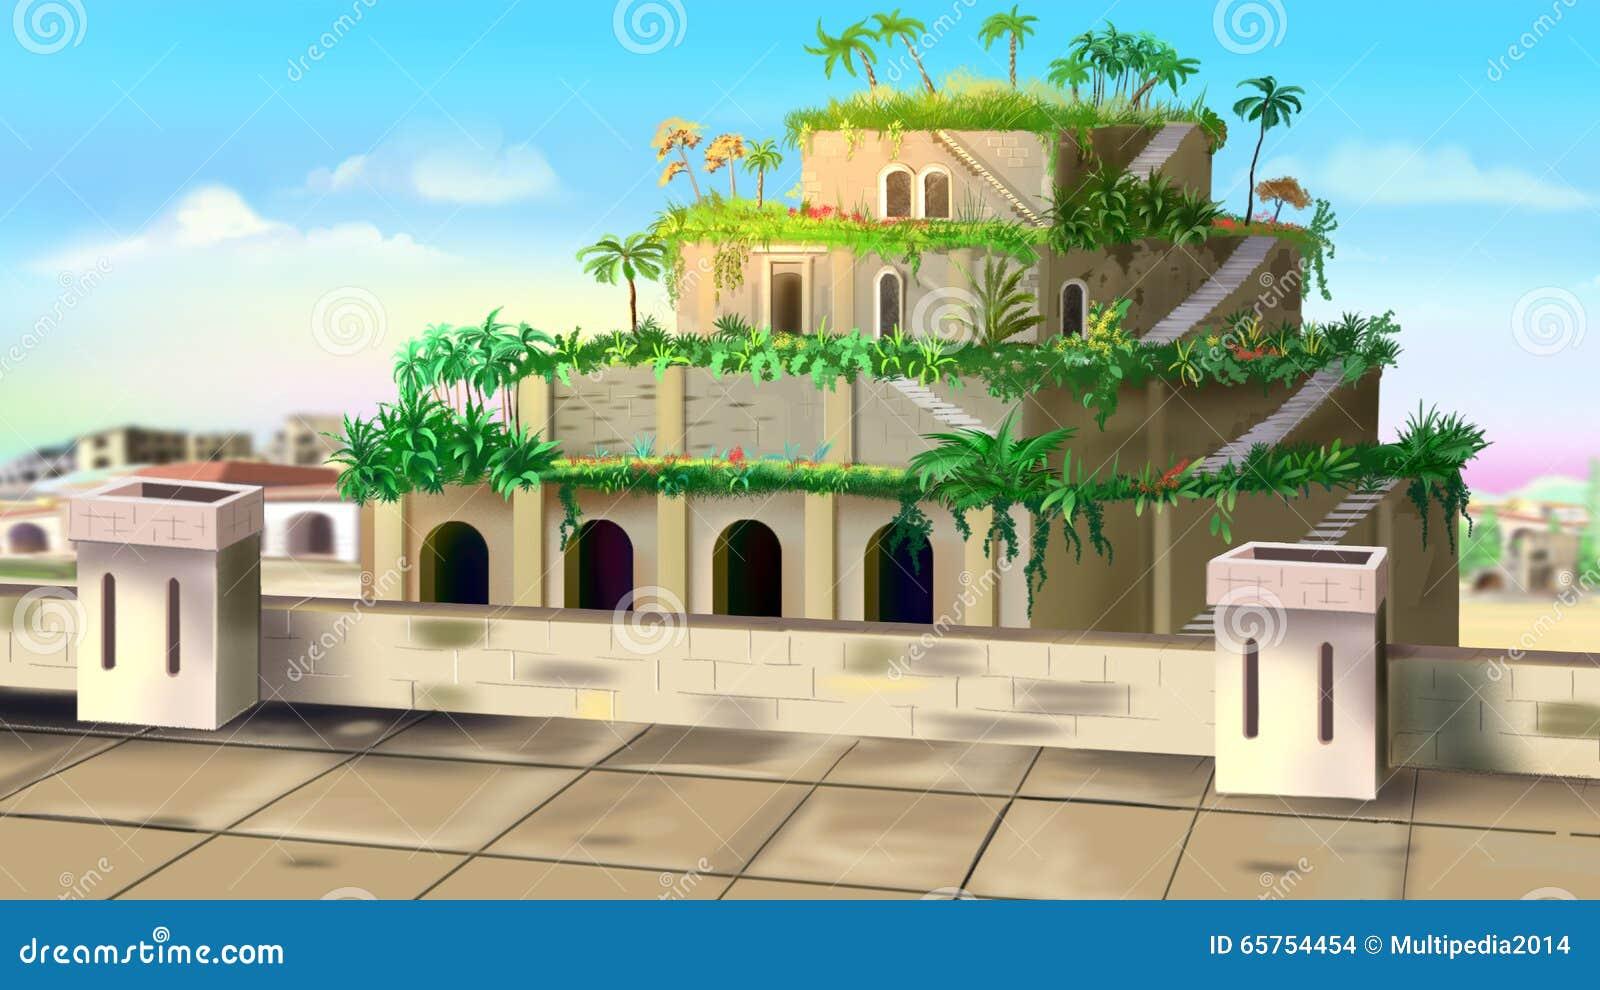 Giardini pensili di babilonia illustrazione di stock - Giardini pensili immagini ...